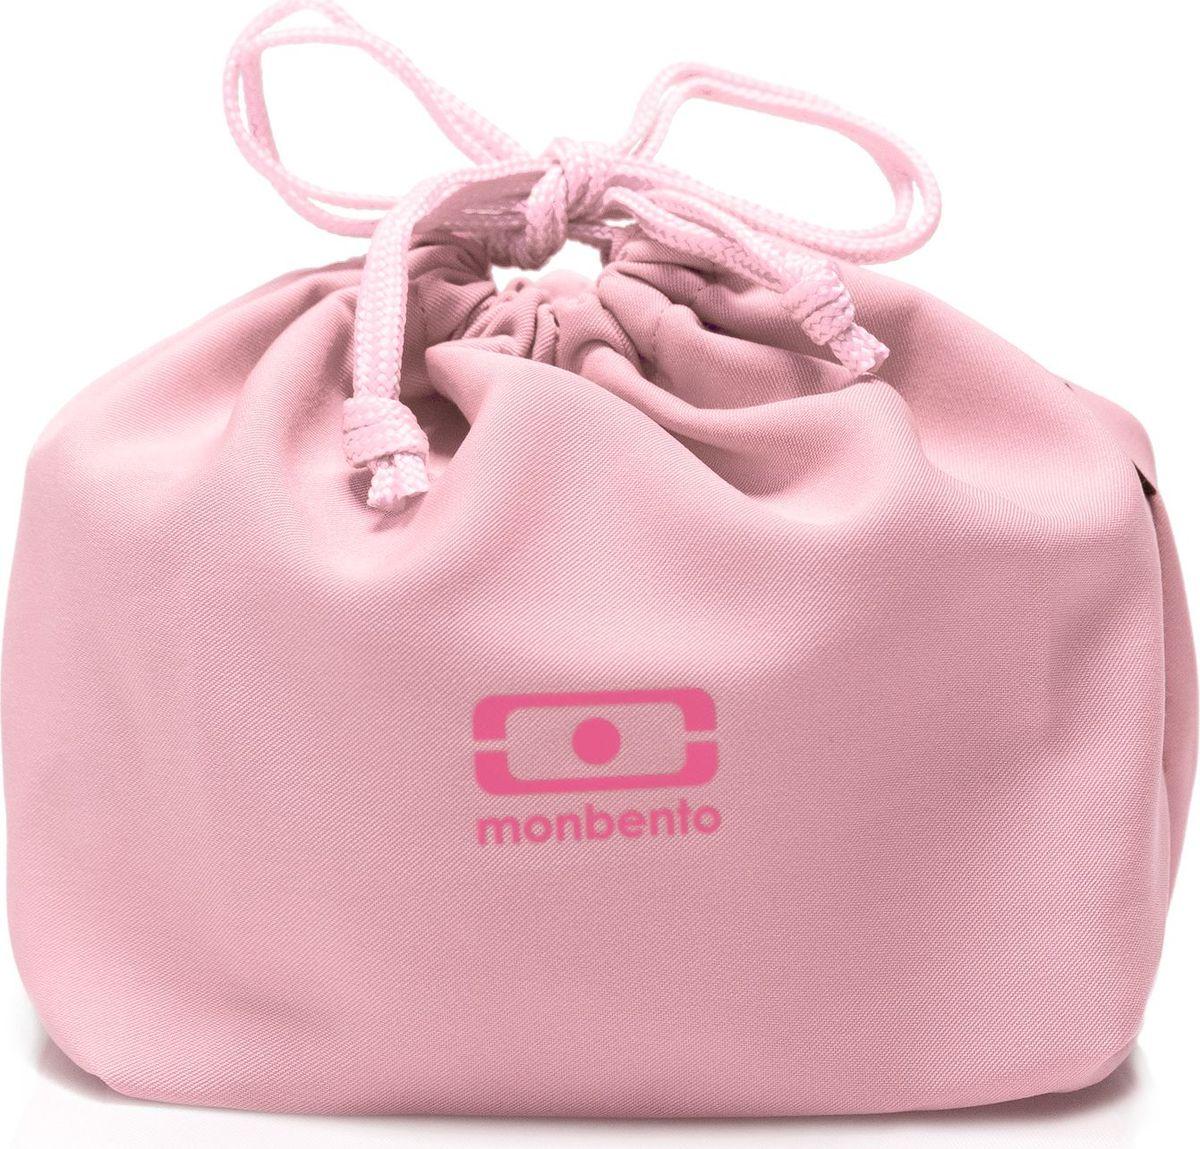 Мешочек для ланча Monbento Pochette, цвет: личи1002 02 266Идеальное дополнение к каждому ланч-боксу! Стильный мешочек для ланча поможет вам комфортно и надежно транспортировать ланч-бокс, положив его в сумку или даже неся в руке. Сложите в мешочек все, что вам понадобится для обеда: ланч-бокс, приборы, салфетки и другие нужные вещи. Все это будет в целости и сохранности, а вы сможете комфортно пообедать в любом месте.Вместительный мешочек защитит ланч-бокс и другие предметы от механических повреждений и позволит компактно транспортировать все обеденные принадлежности. Вам не нужно будет тратить время на поиски того или иного предмета – все будет под рукой!Практичный и легкий в уходе полиэстер очень просто стирать, для него разрешена машинная стирка.